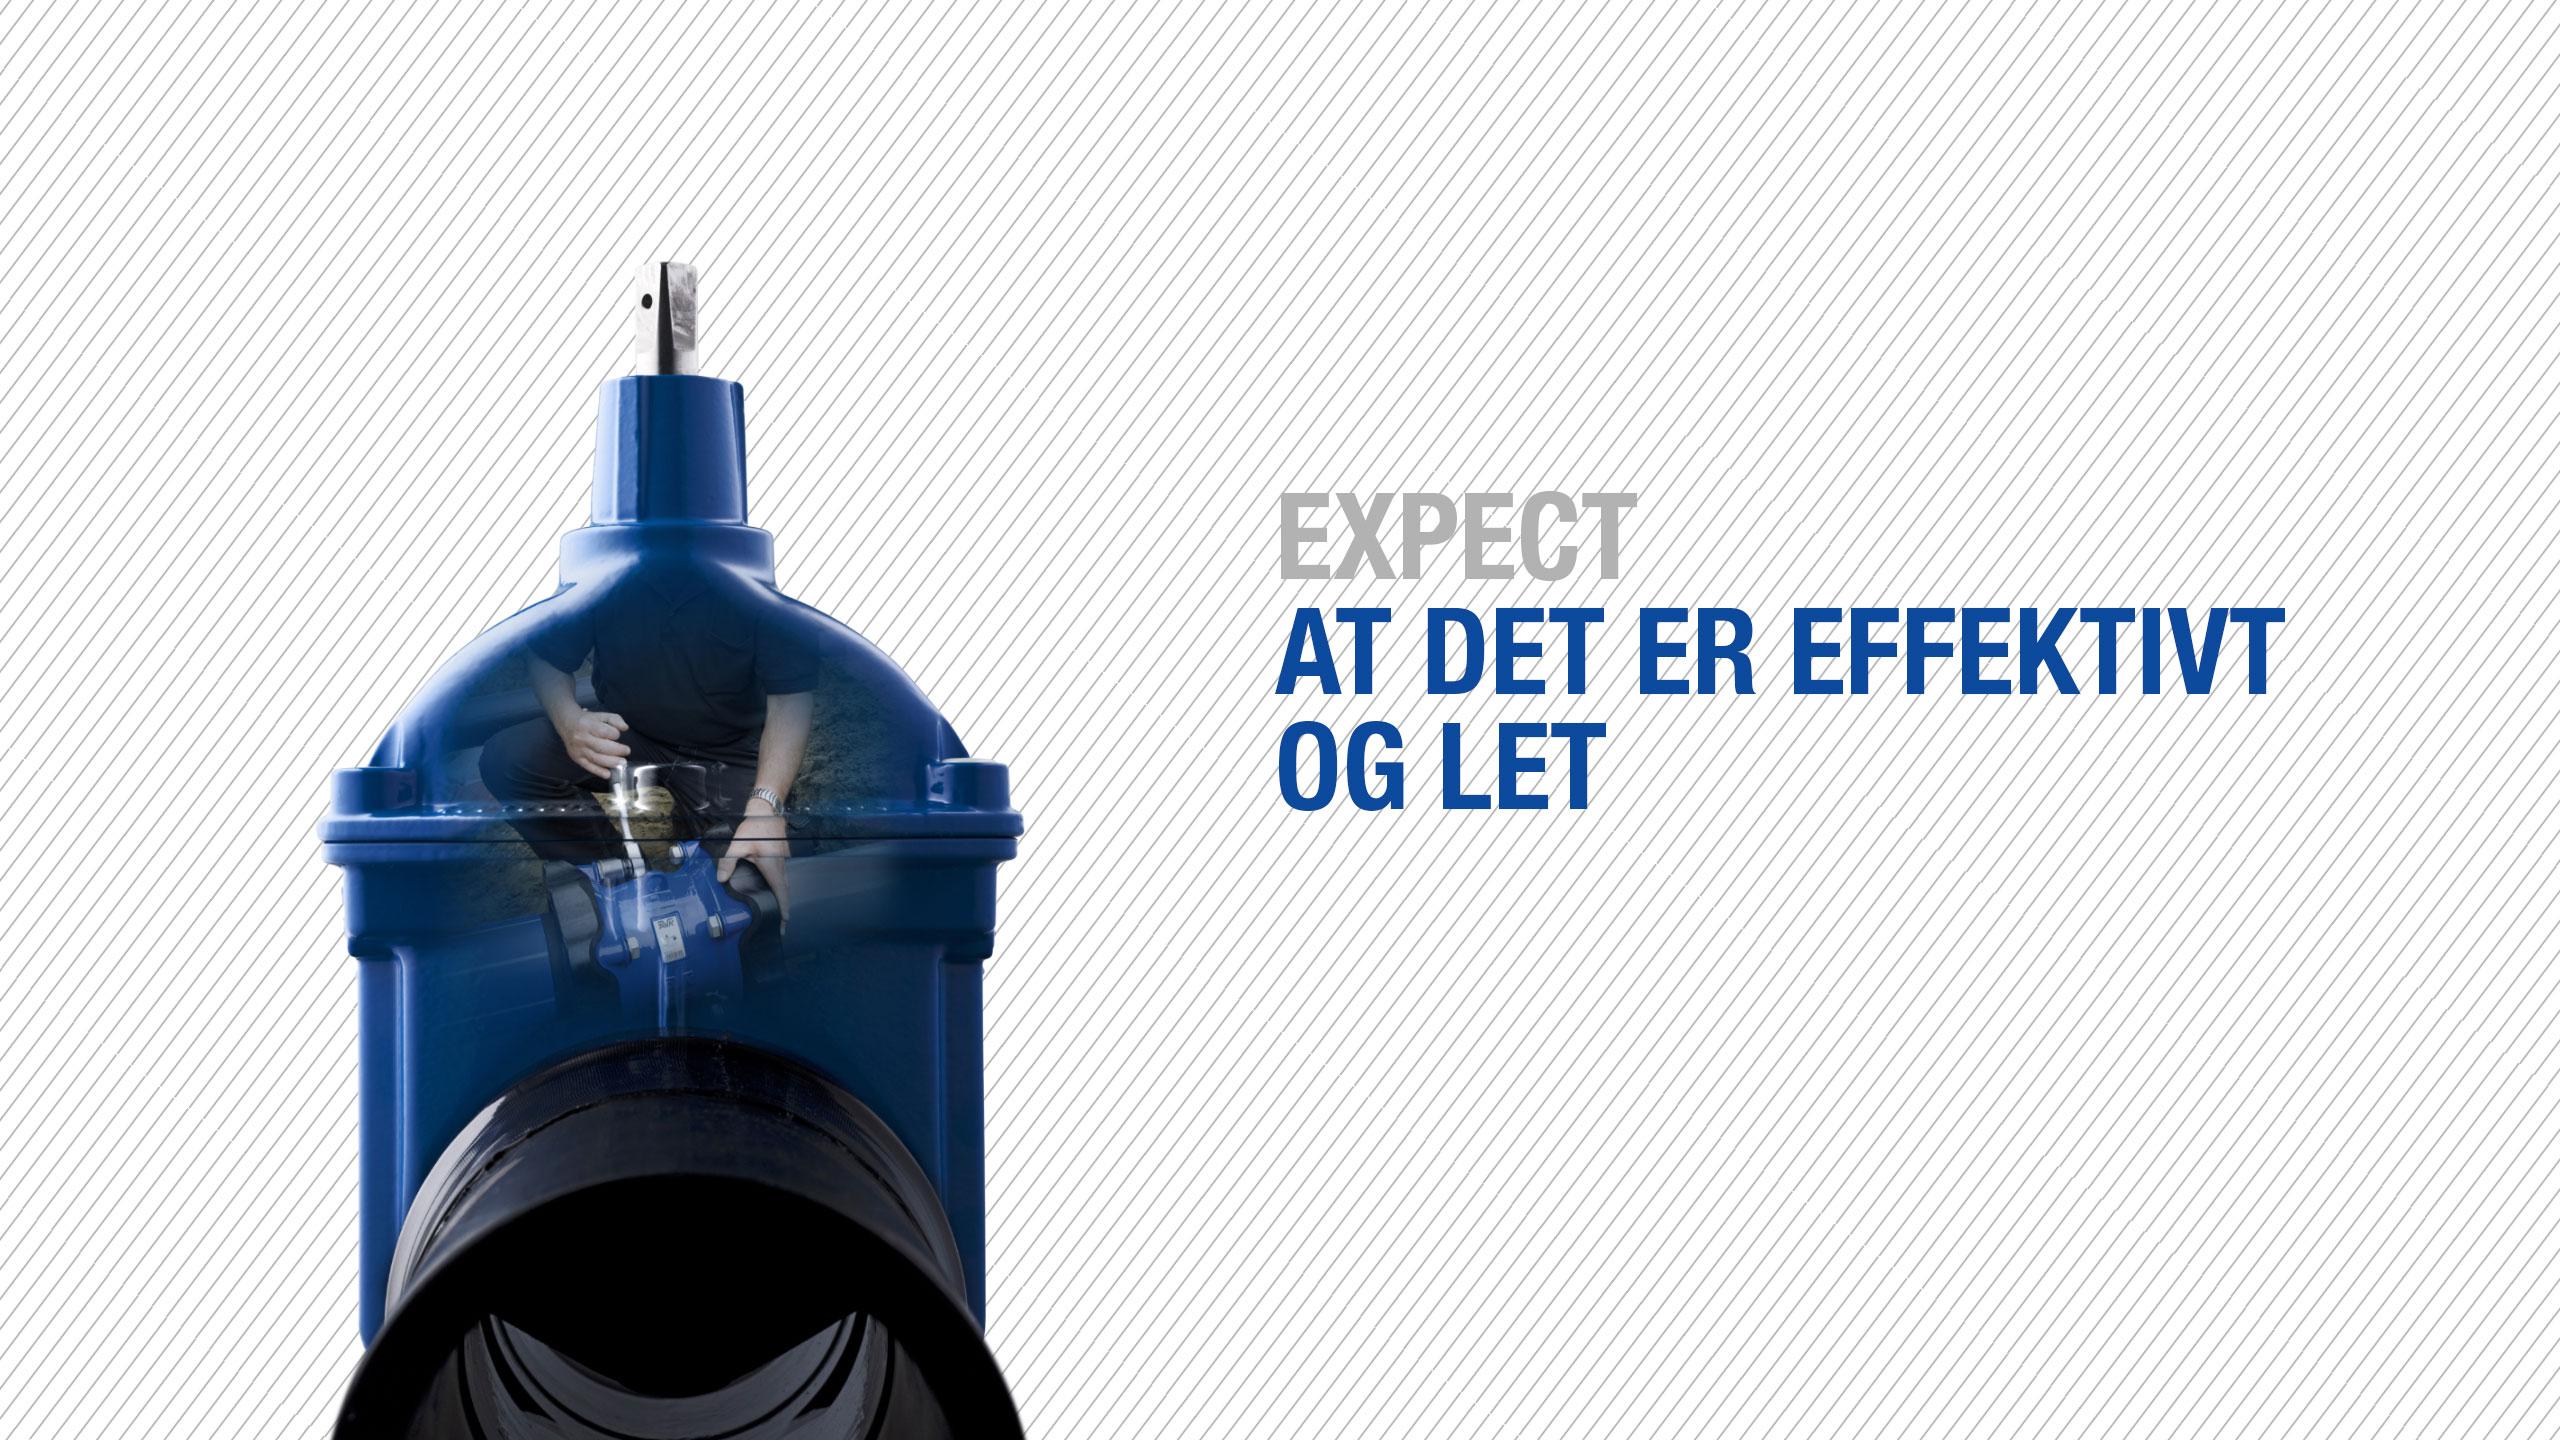 Expect... forvent, at det er effektivt og let